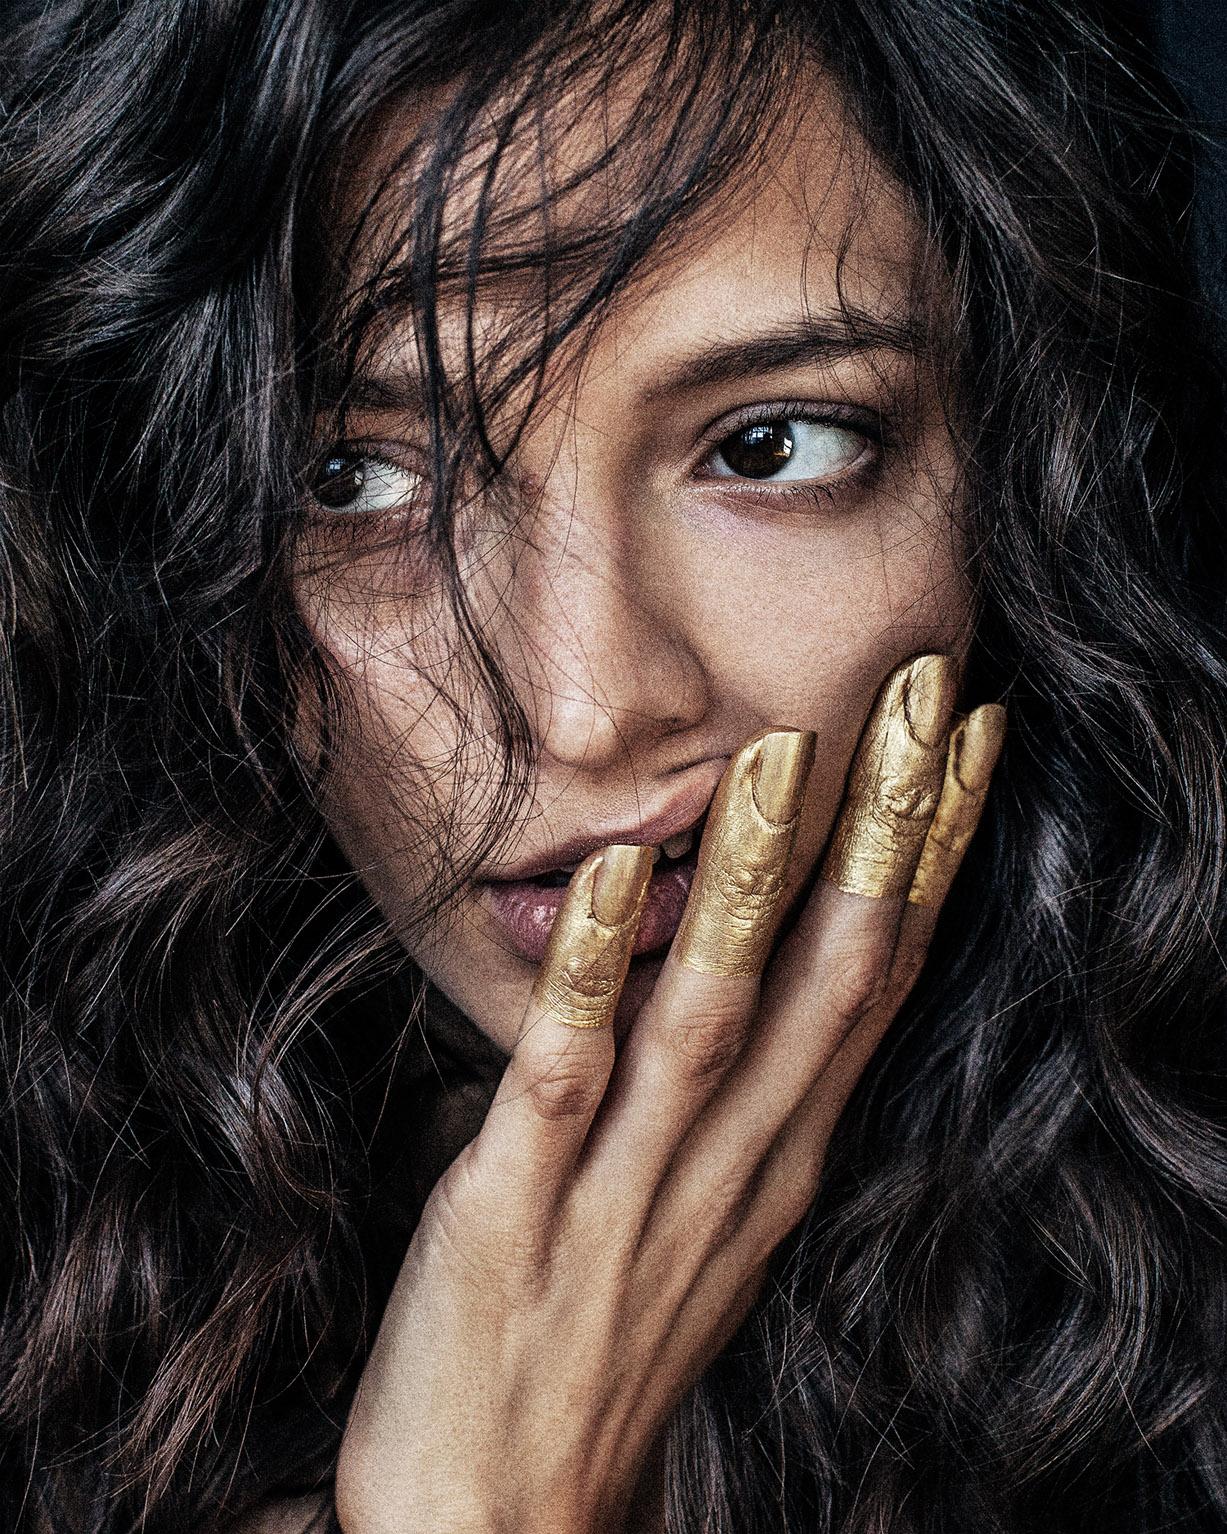 Erica Candice by Cory Vanderploeg - Nakid Magazine